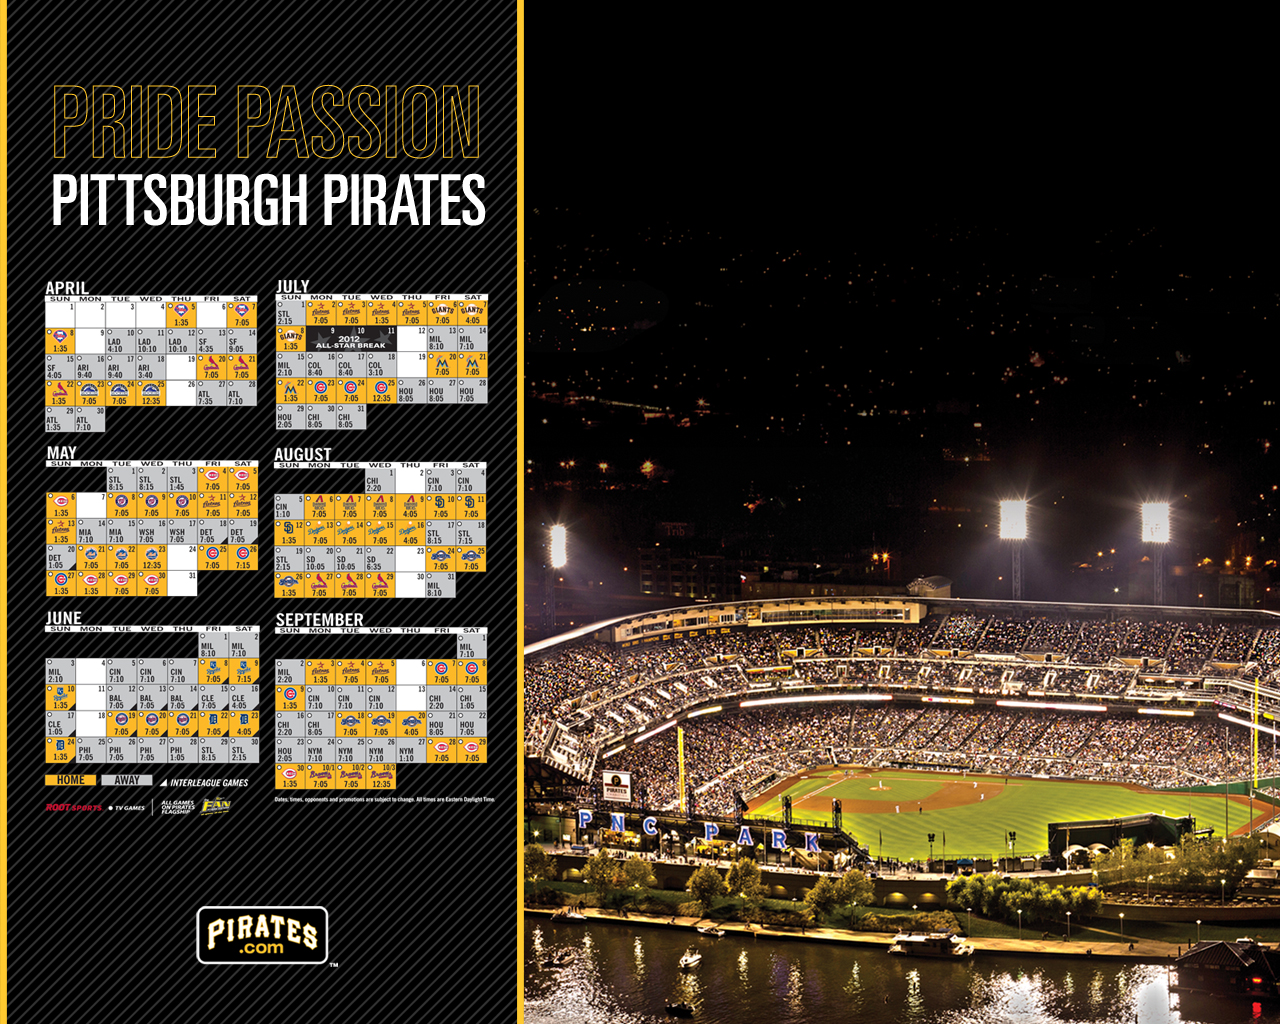 Pirates Desktop Wallpapers Pittsburgh Pirates 1280x1024